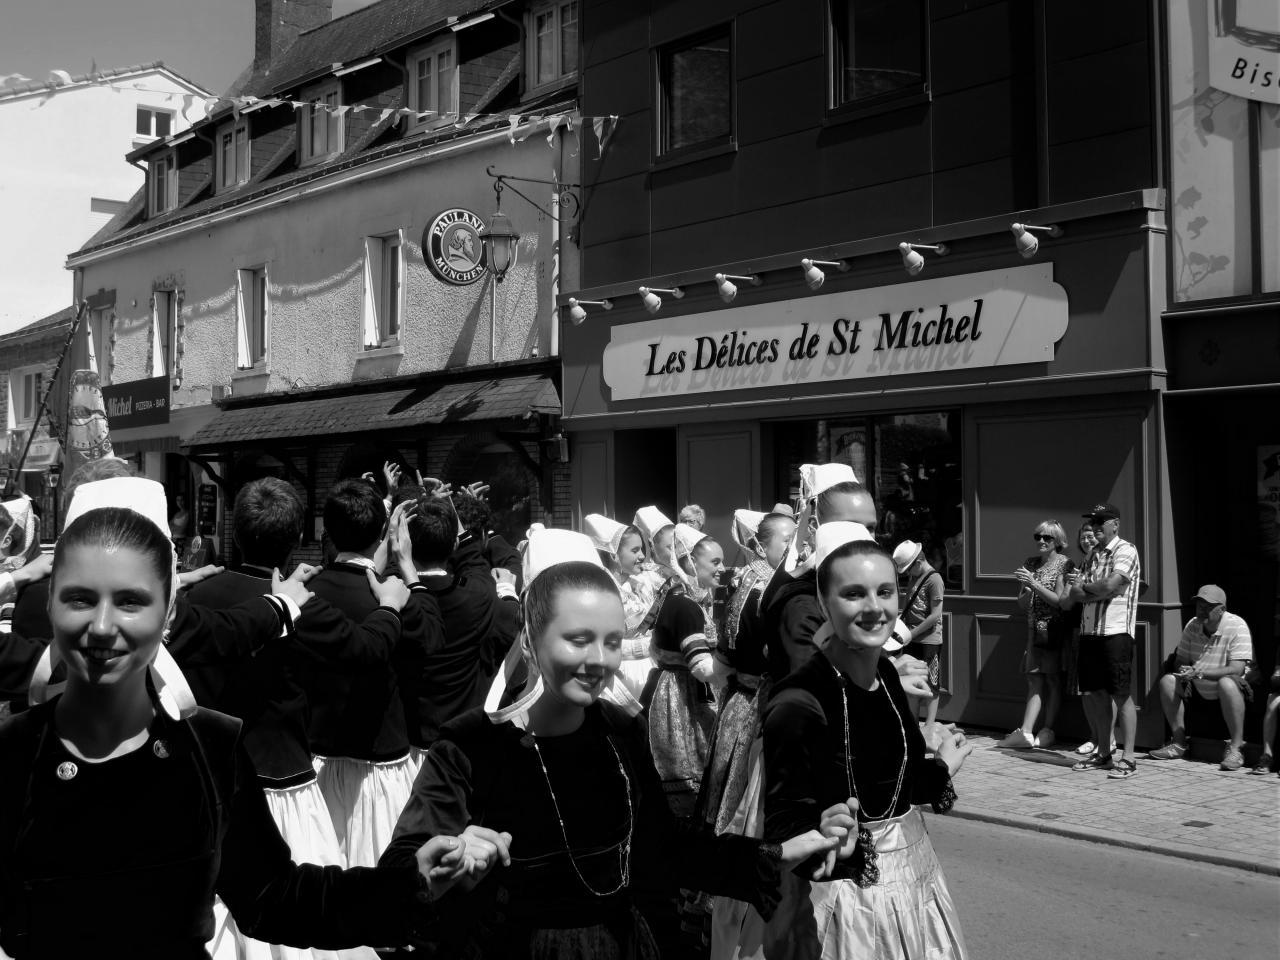 Les délices de Saint-Michel